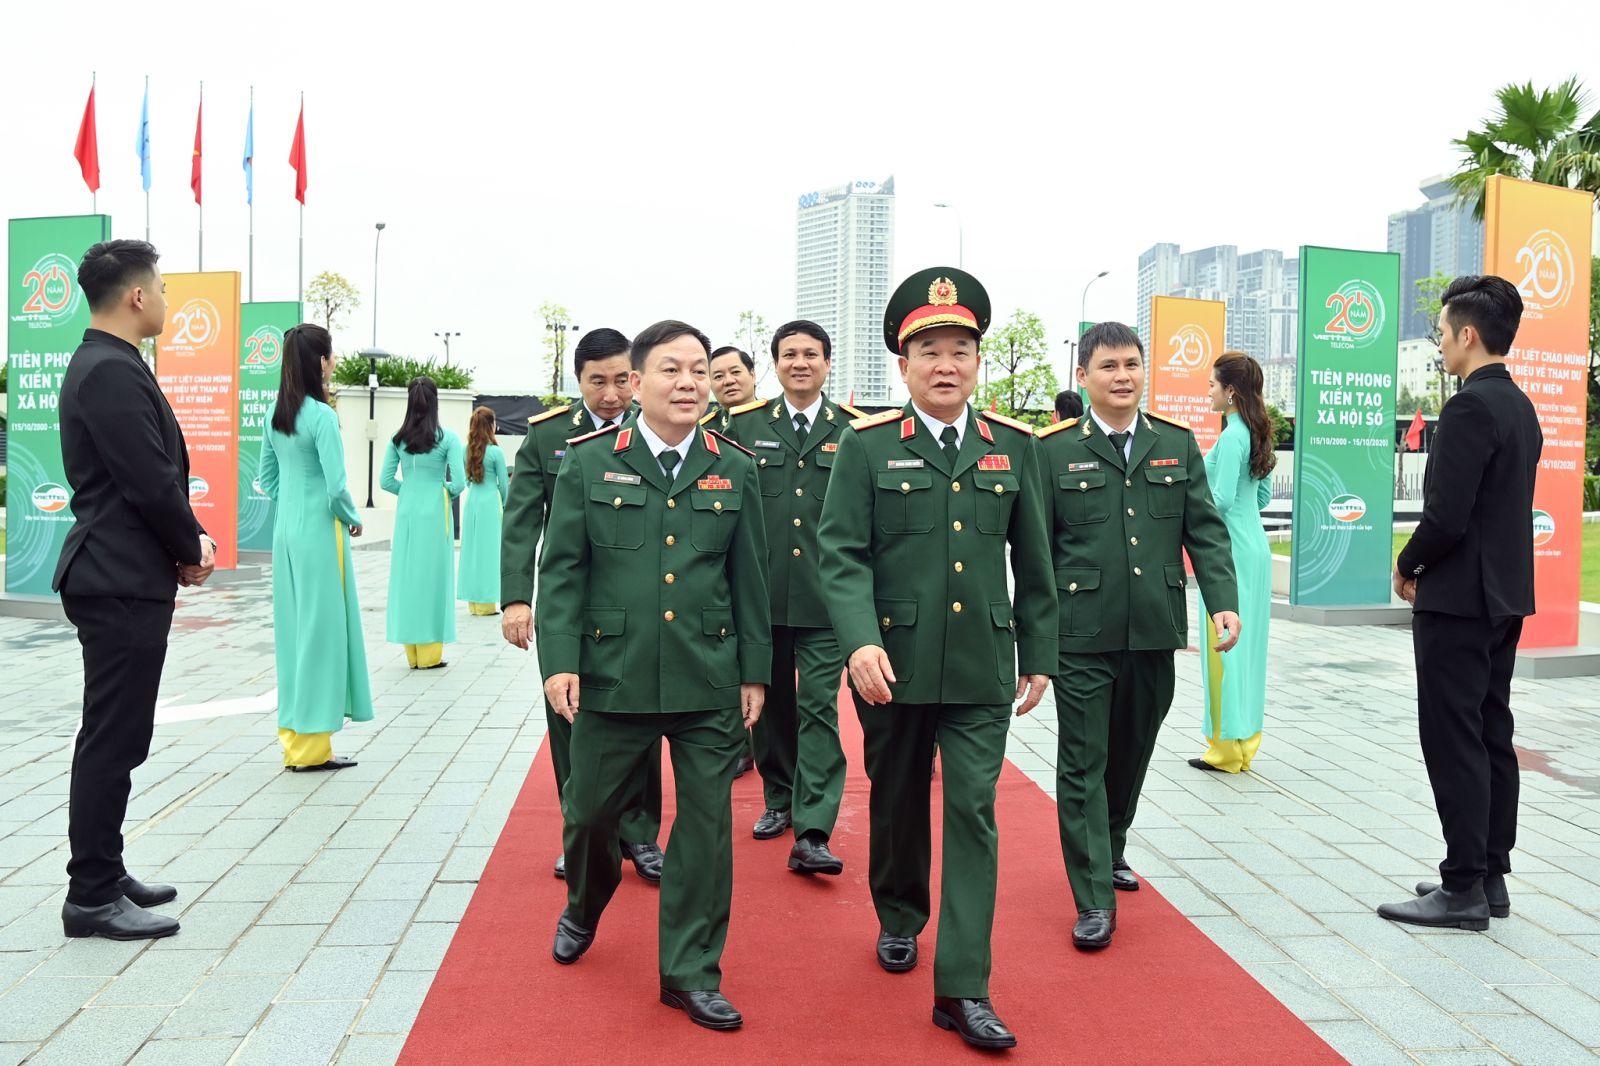 Trung tướng Hoàng Xuân Chiến - Ủy viên Trung ương Đảng, Ủy viên Quân ủy Trung ương, Thứ trưởng Bộ Quốc phòng và Thiếu tướng Lê Đăng Dũng, Quyền Chủ tịch kiêm Tổng Giám đốc Tập đoàn Công nghiệp Viễn thông Quân đội tham dự Lễ kỉ niệm.